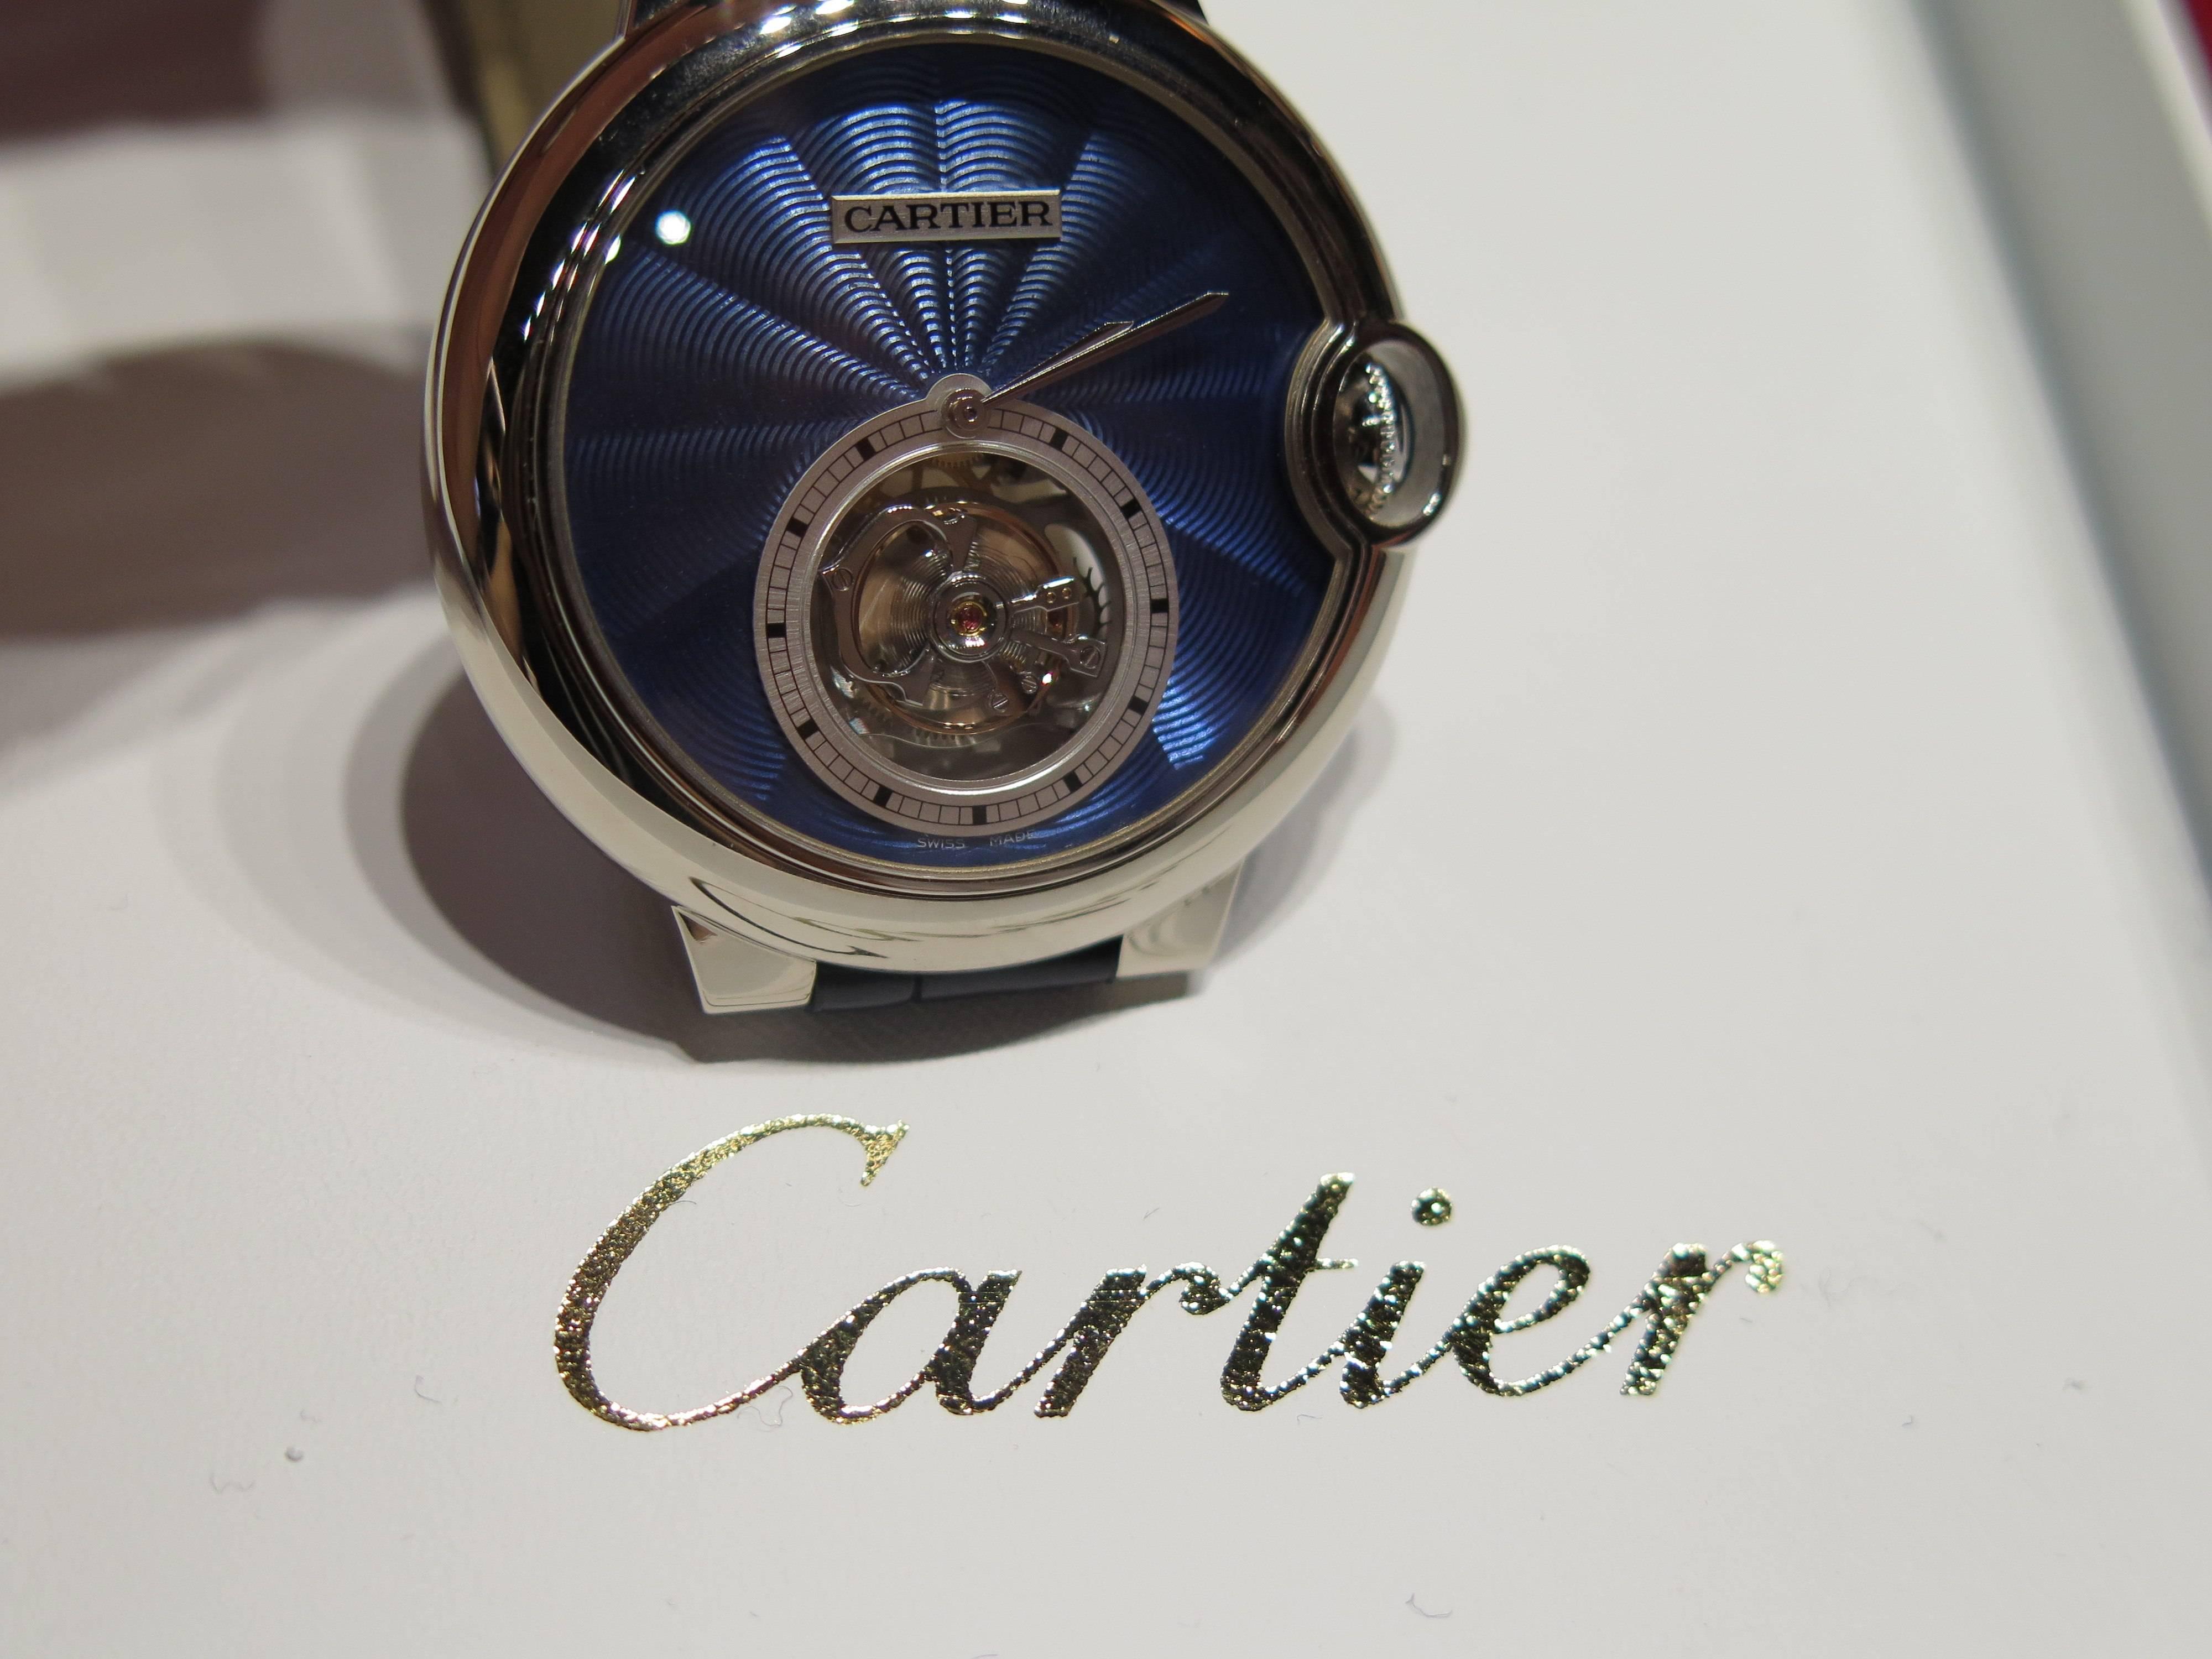 Cartier Ballon Bleu Enamel.